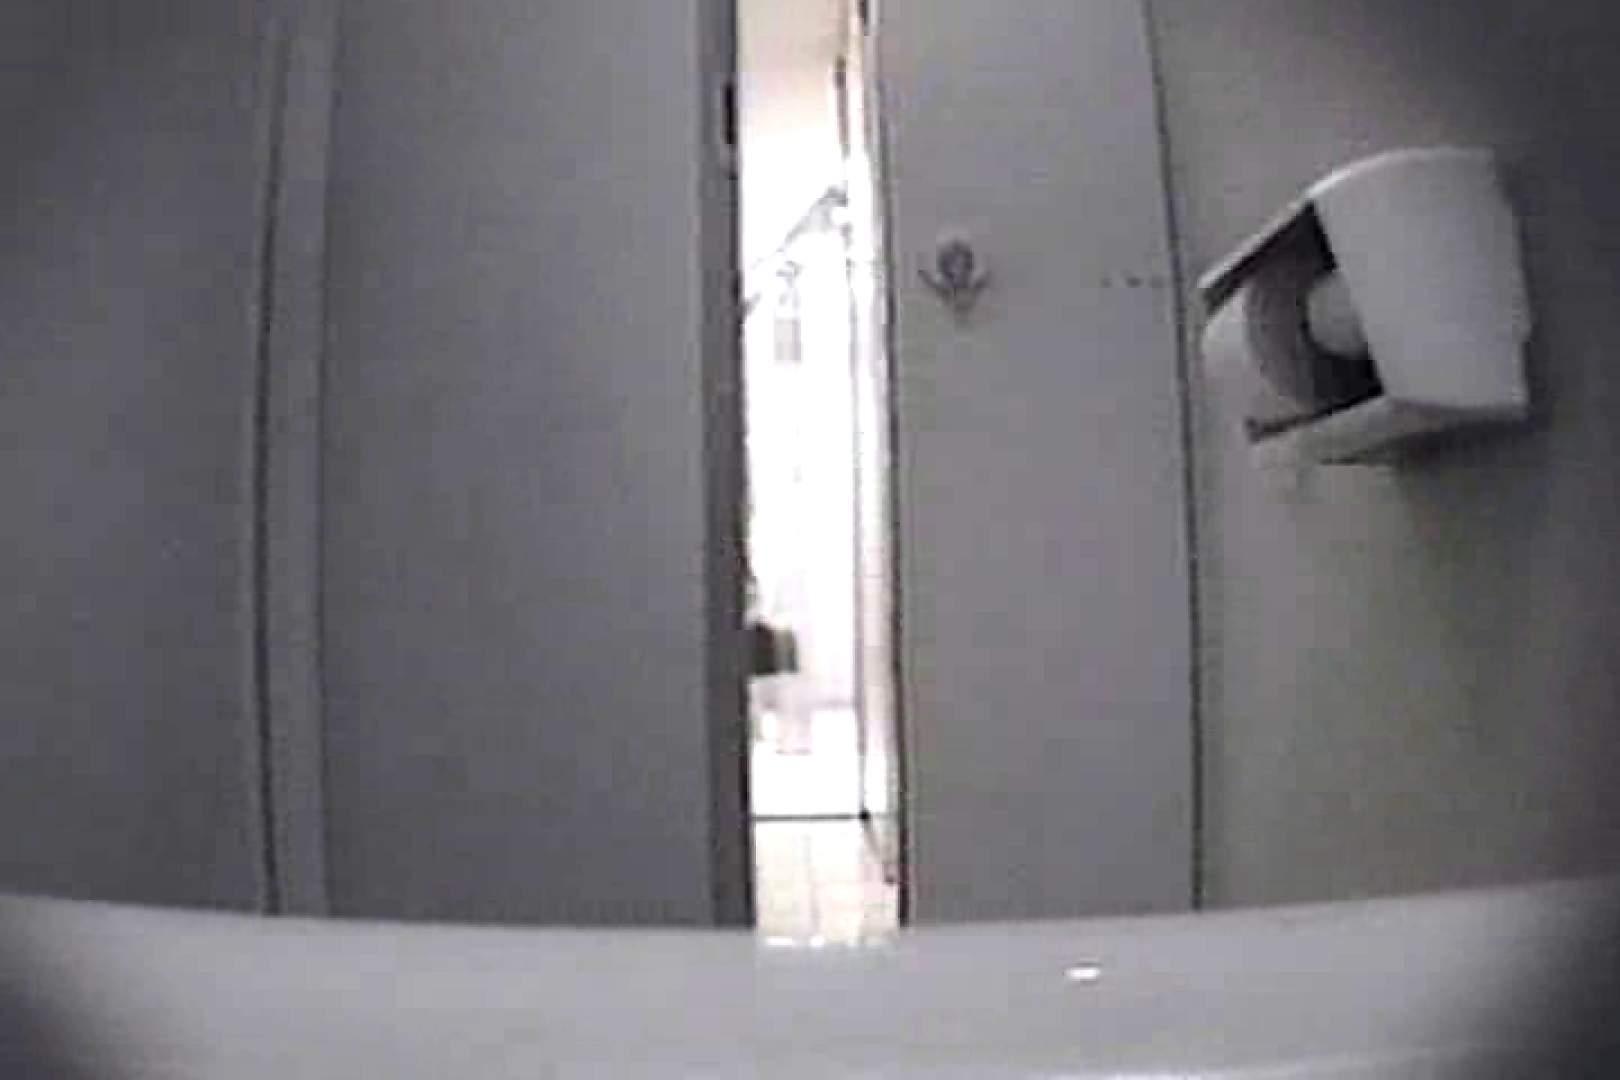 個室狂いのマニア映像Vol.4 OL  102枚 91